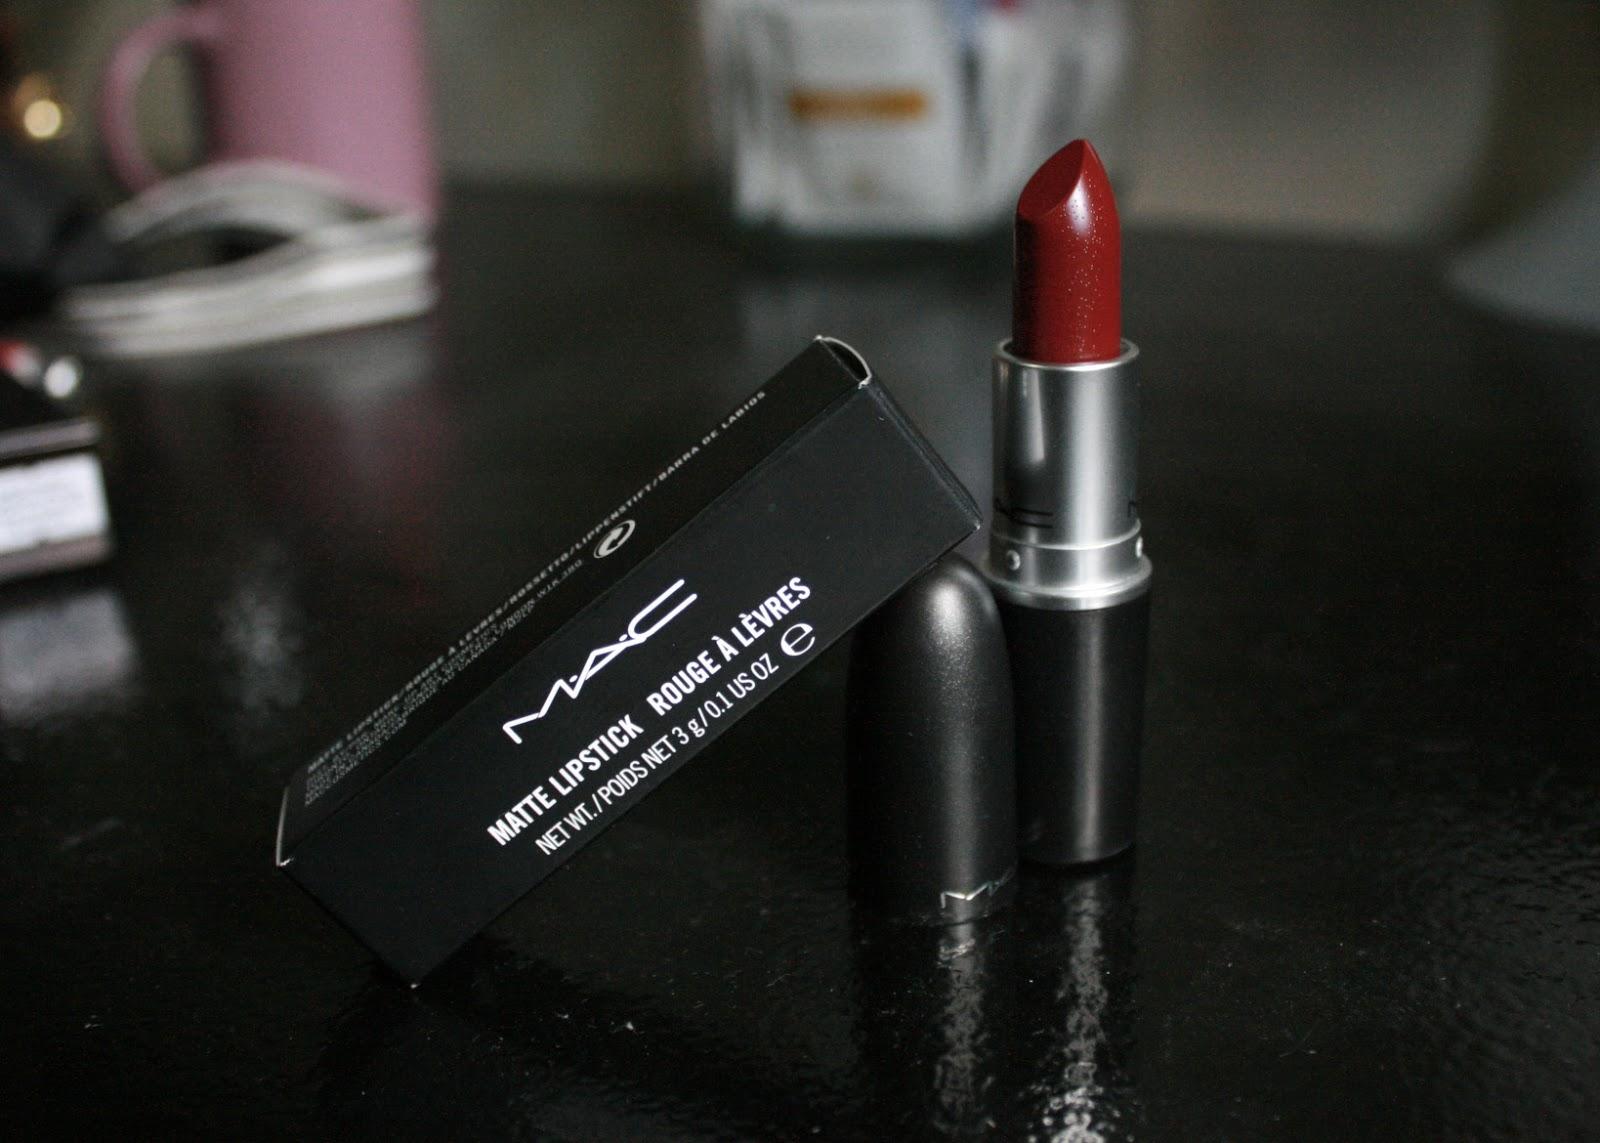 Mac diva runbarbierun - Mac diva lipstick price ...